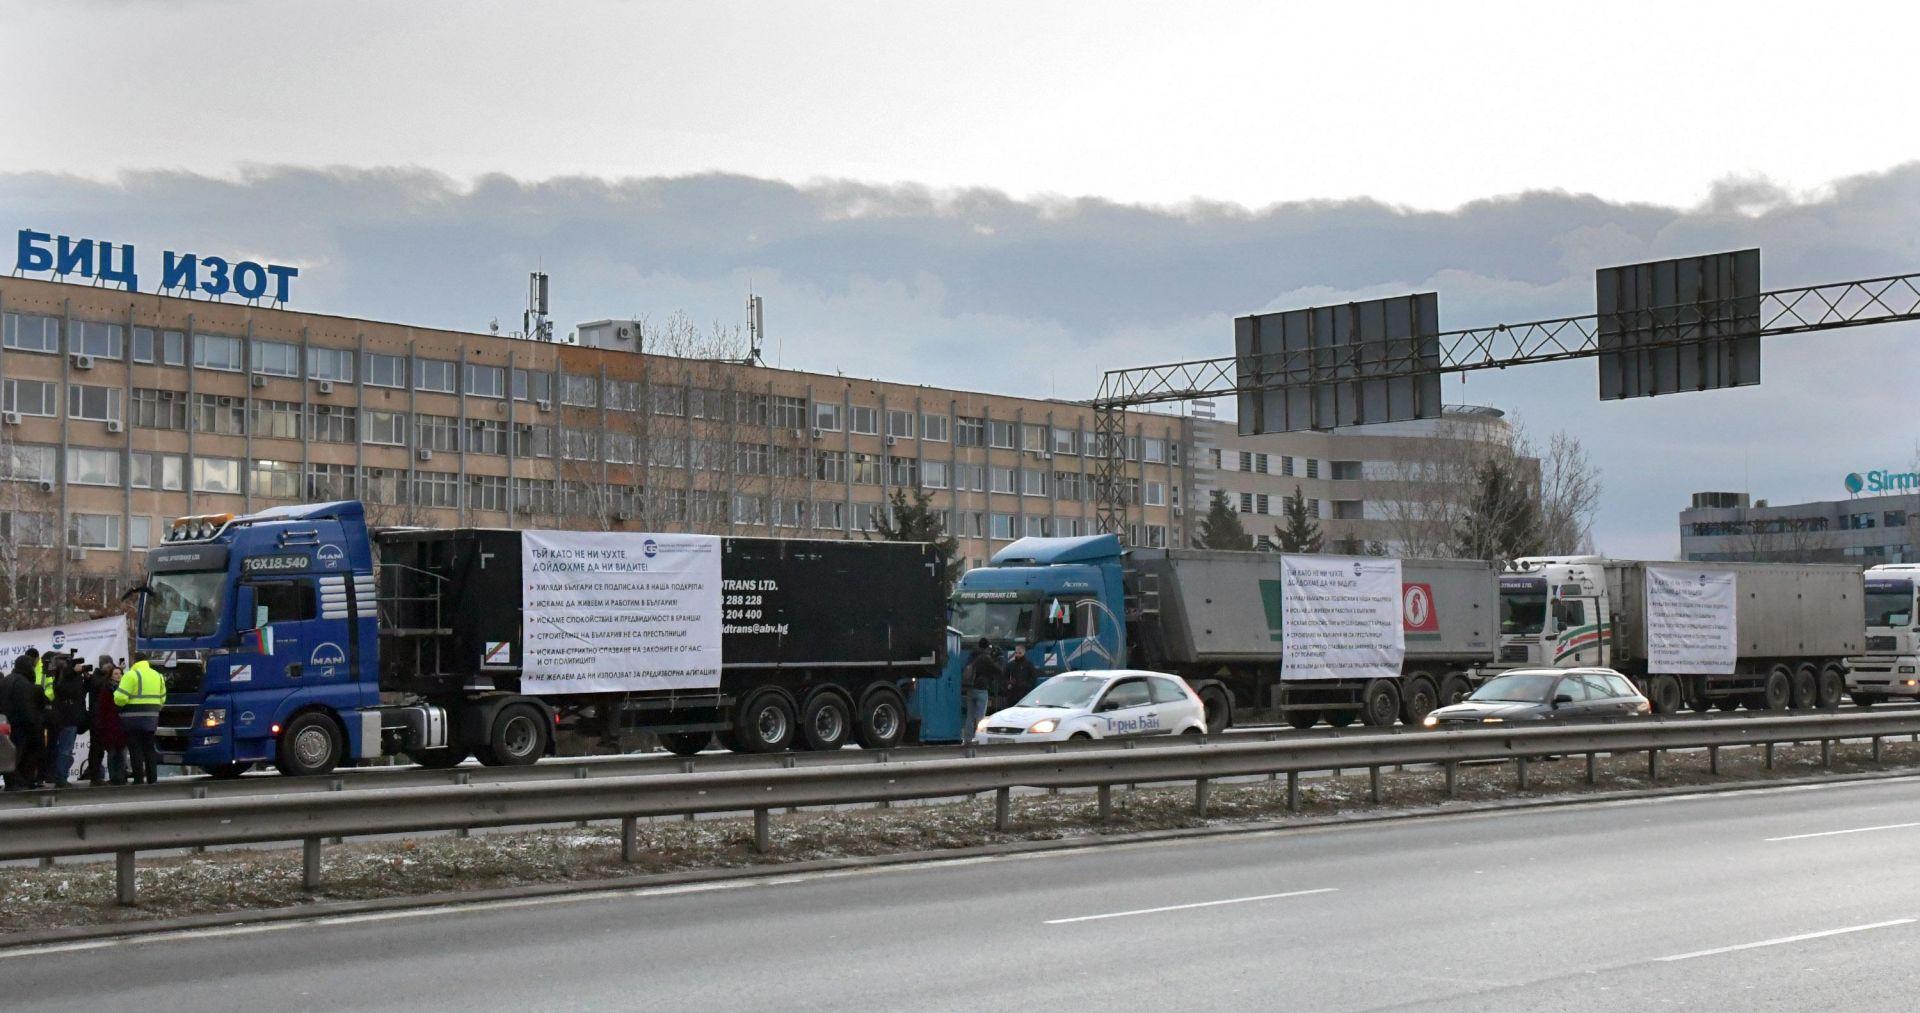 Строителите протестират срещу обвиненията в корупция и некачествена работа